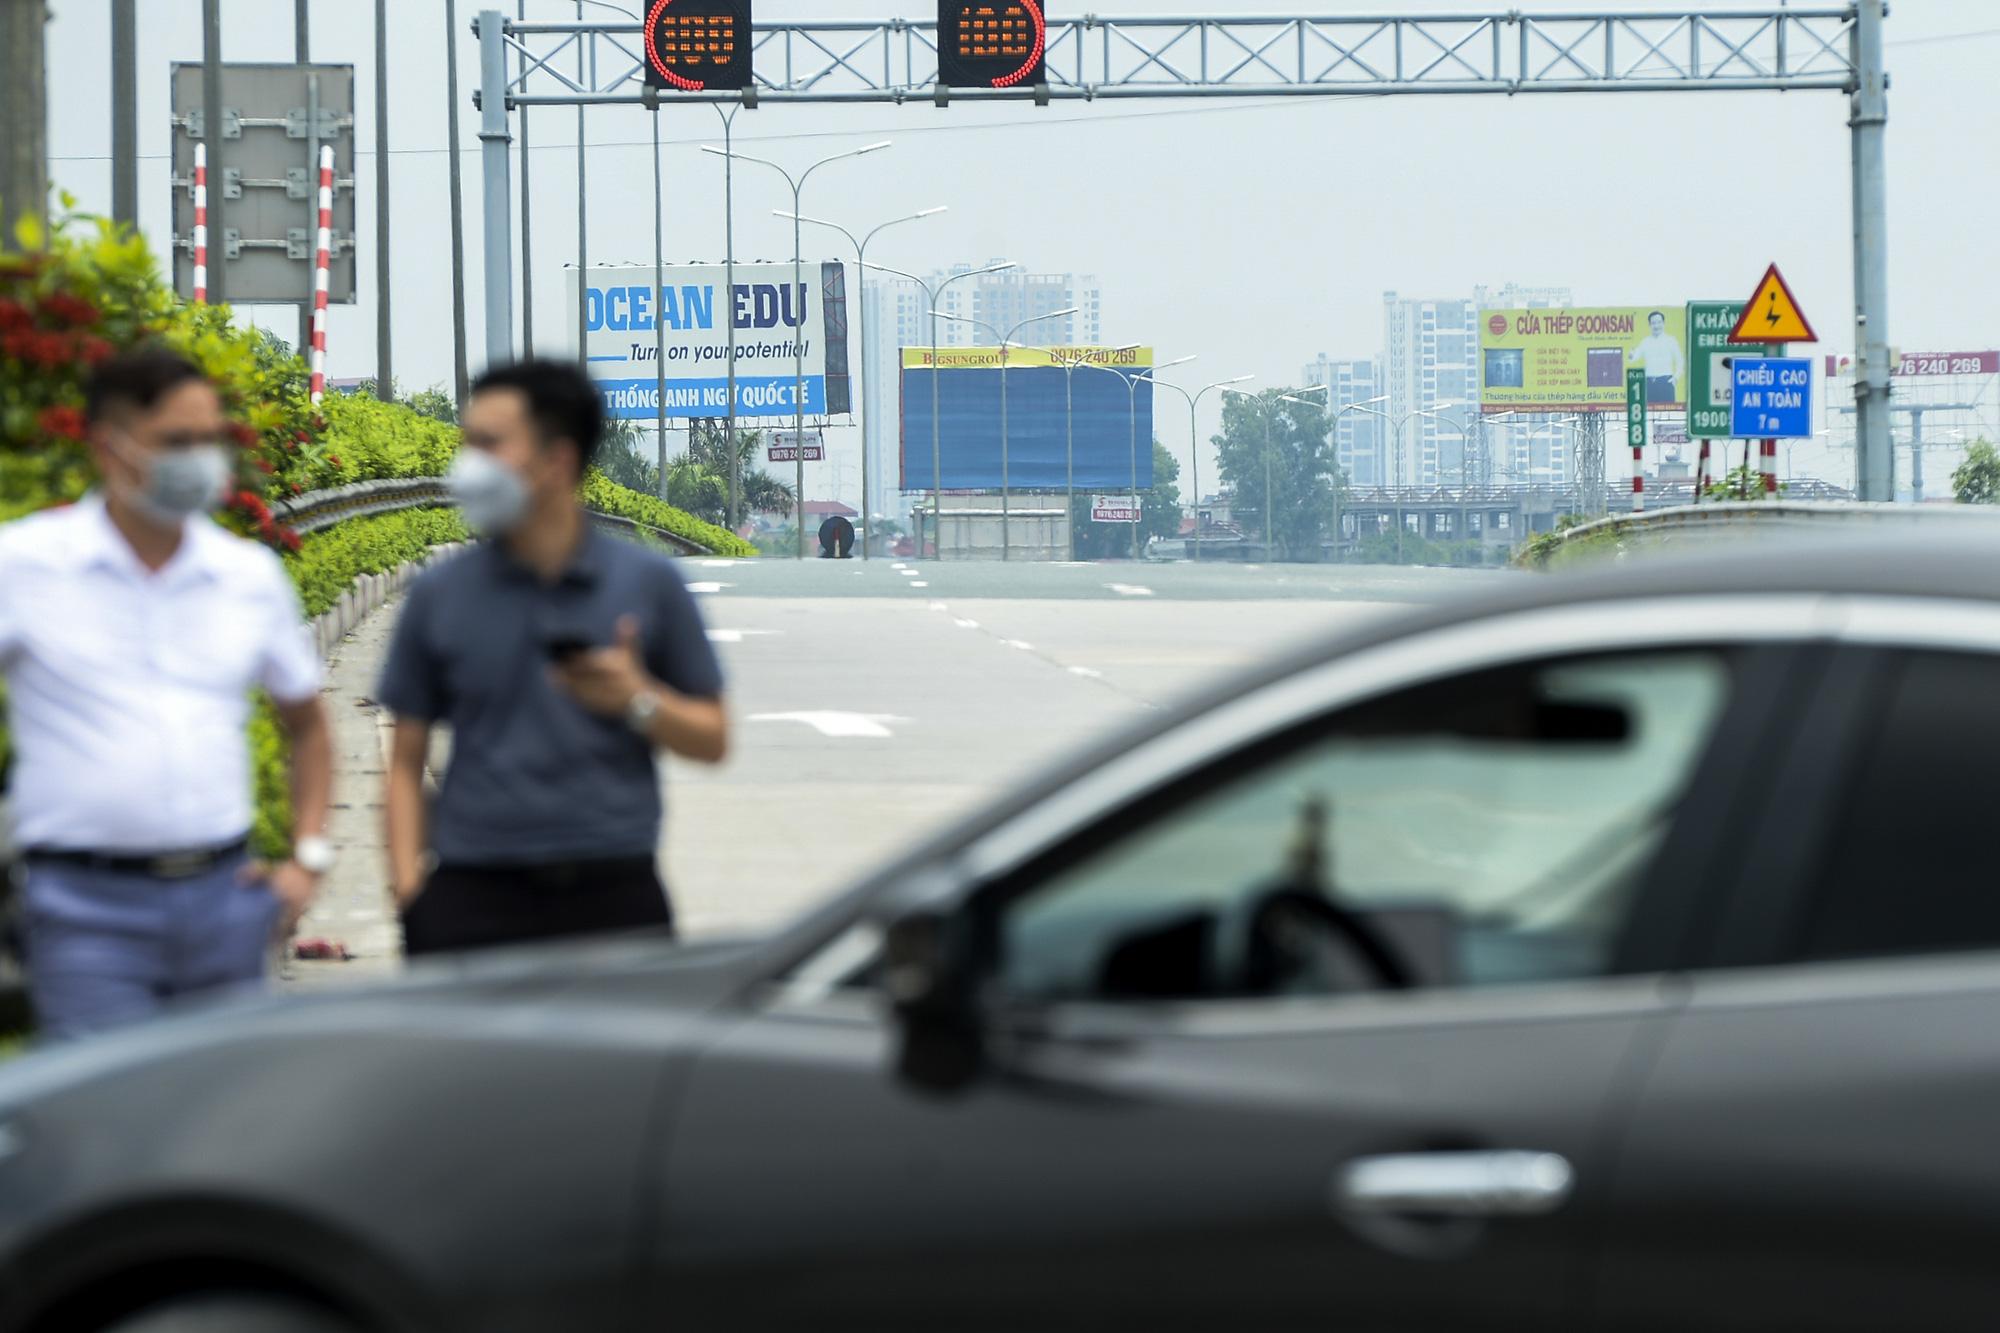 Hà Nội giãn cách xã hội, cao tốc Pháp Vân - Cầu Giẽ 80% xe phải quay đầu, nhiều tài xế bất ngờ, to tiếng với CSGT - Ảnh 13.